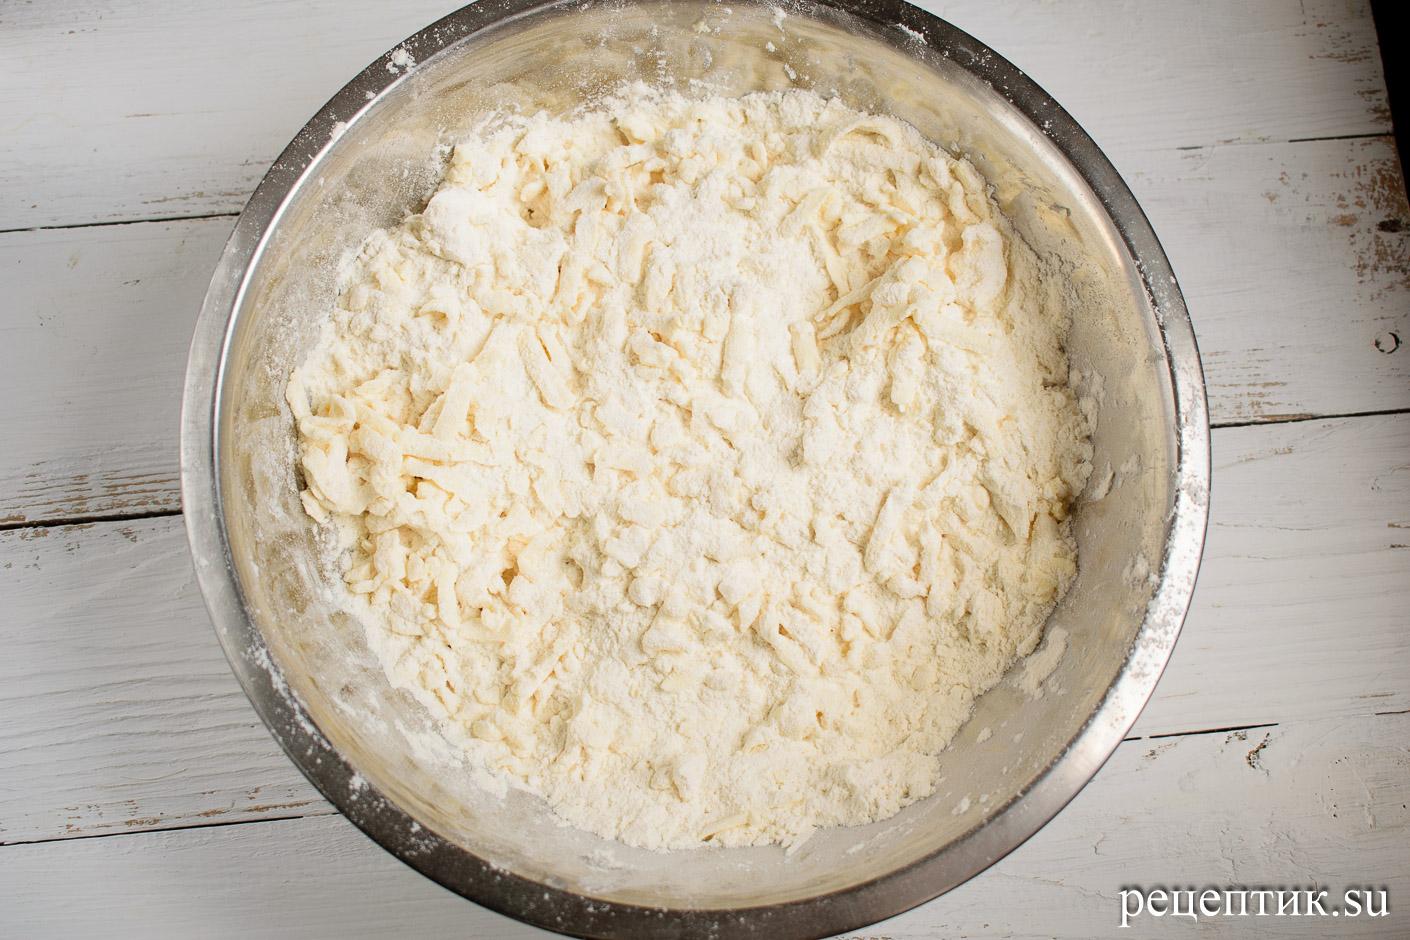 Карамельно-ореховый наполеон со сметанным кремом - рецепт с фото, шаг 5